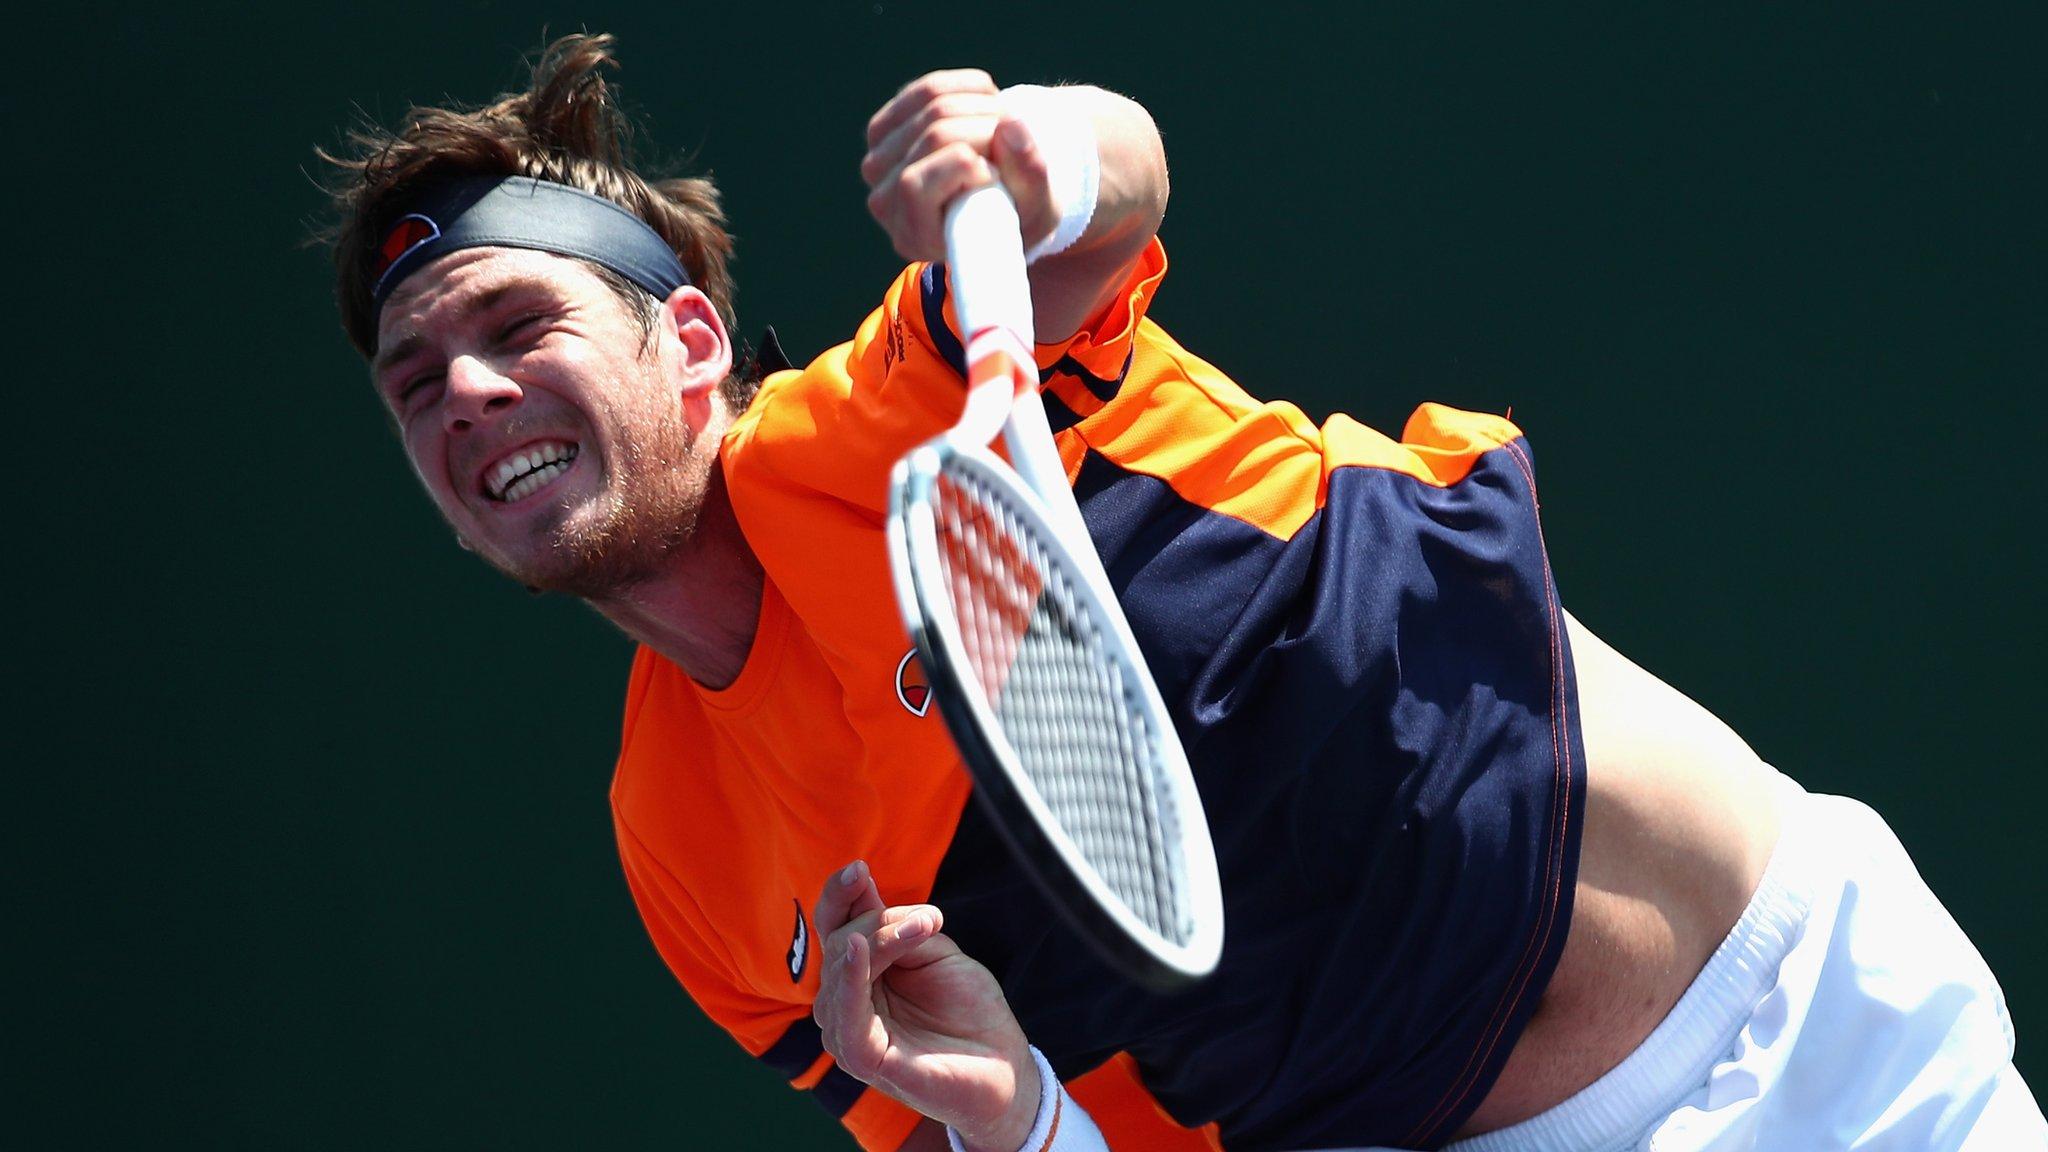 Britain's Norrie into Lyon Open quarter-finals